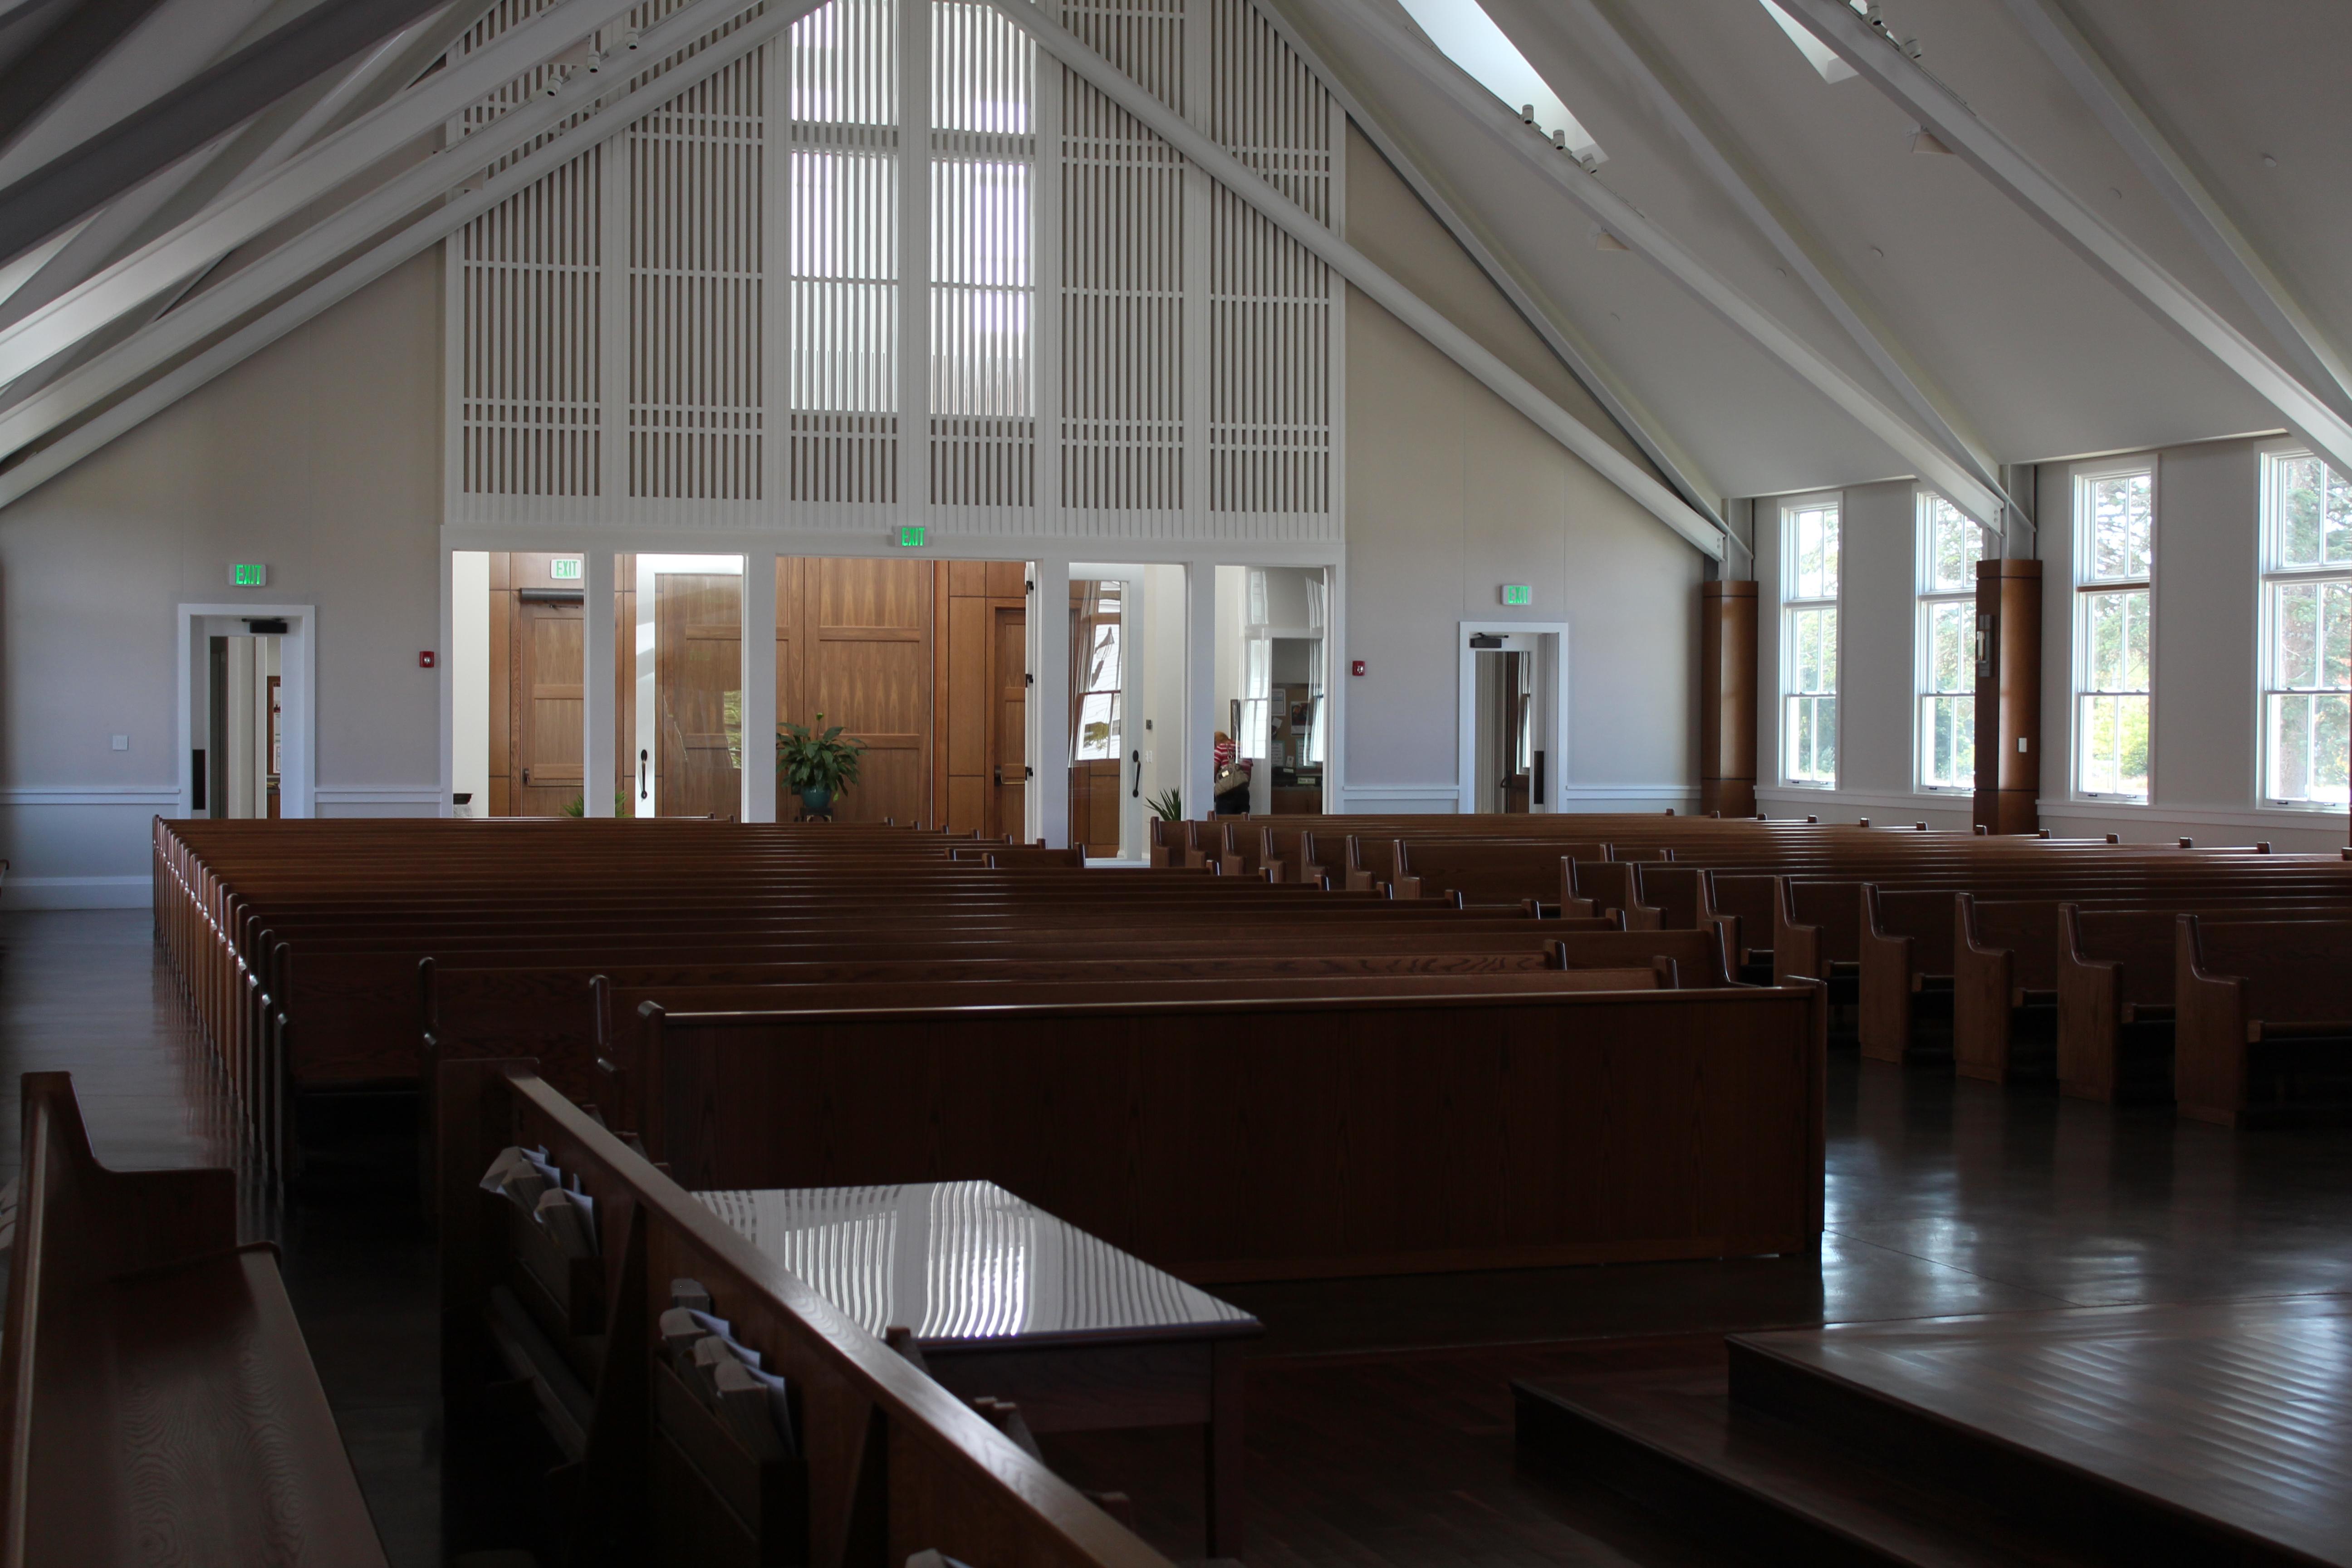 St. Bonaventure Parish